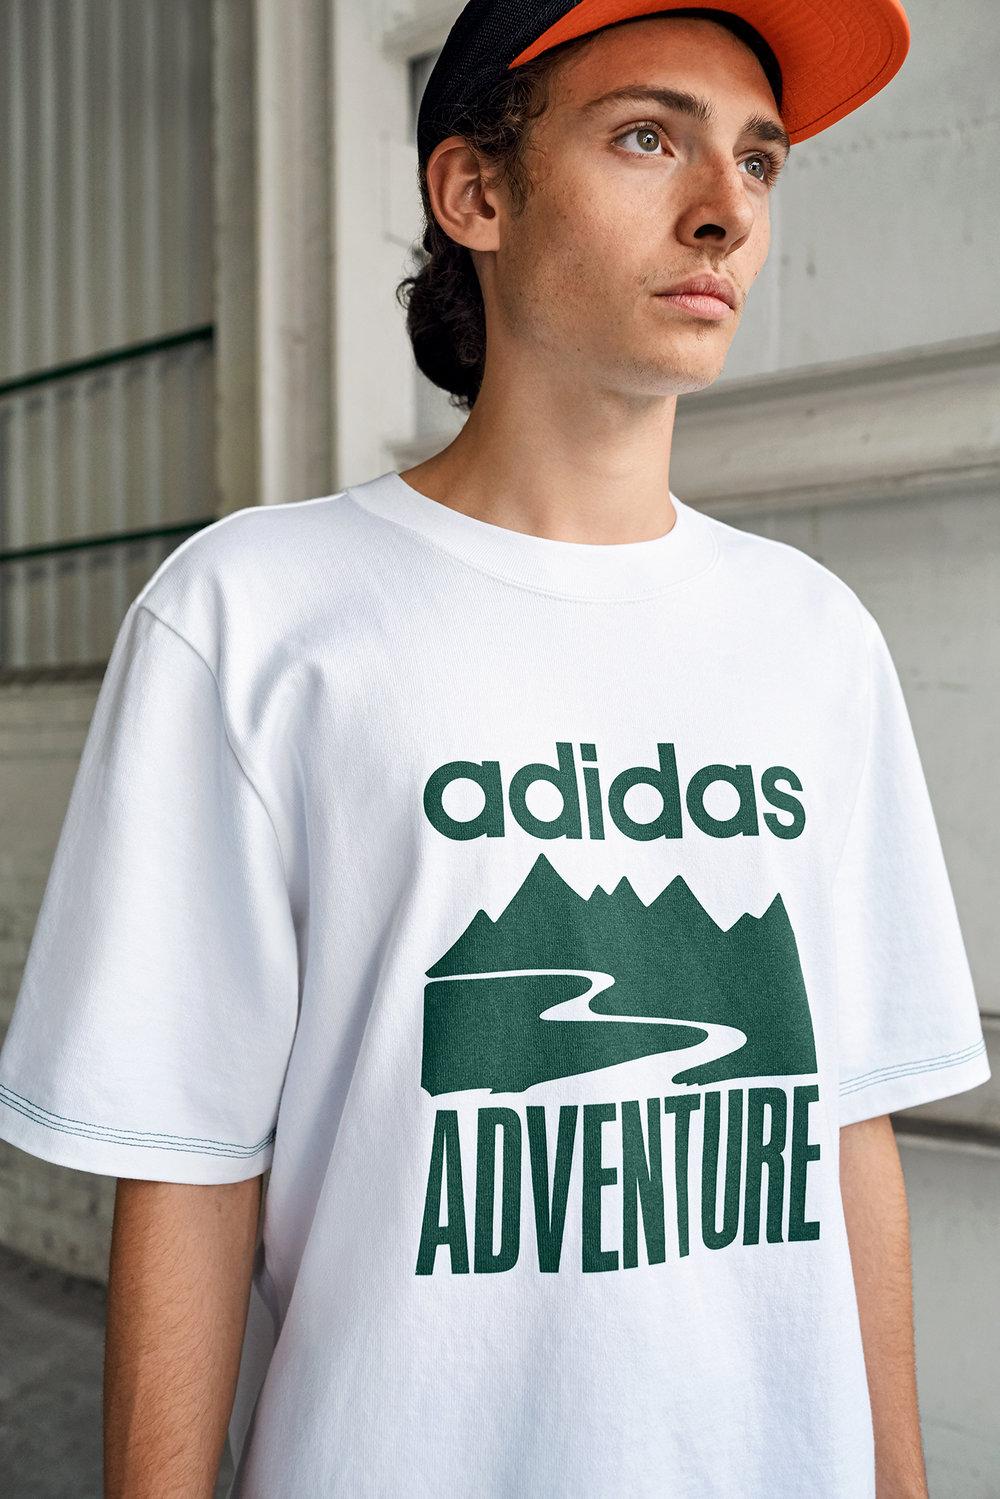 Adidas_Atric10.jpg